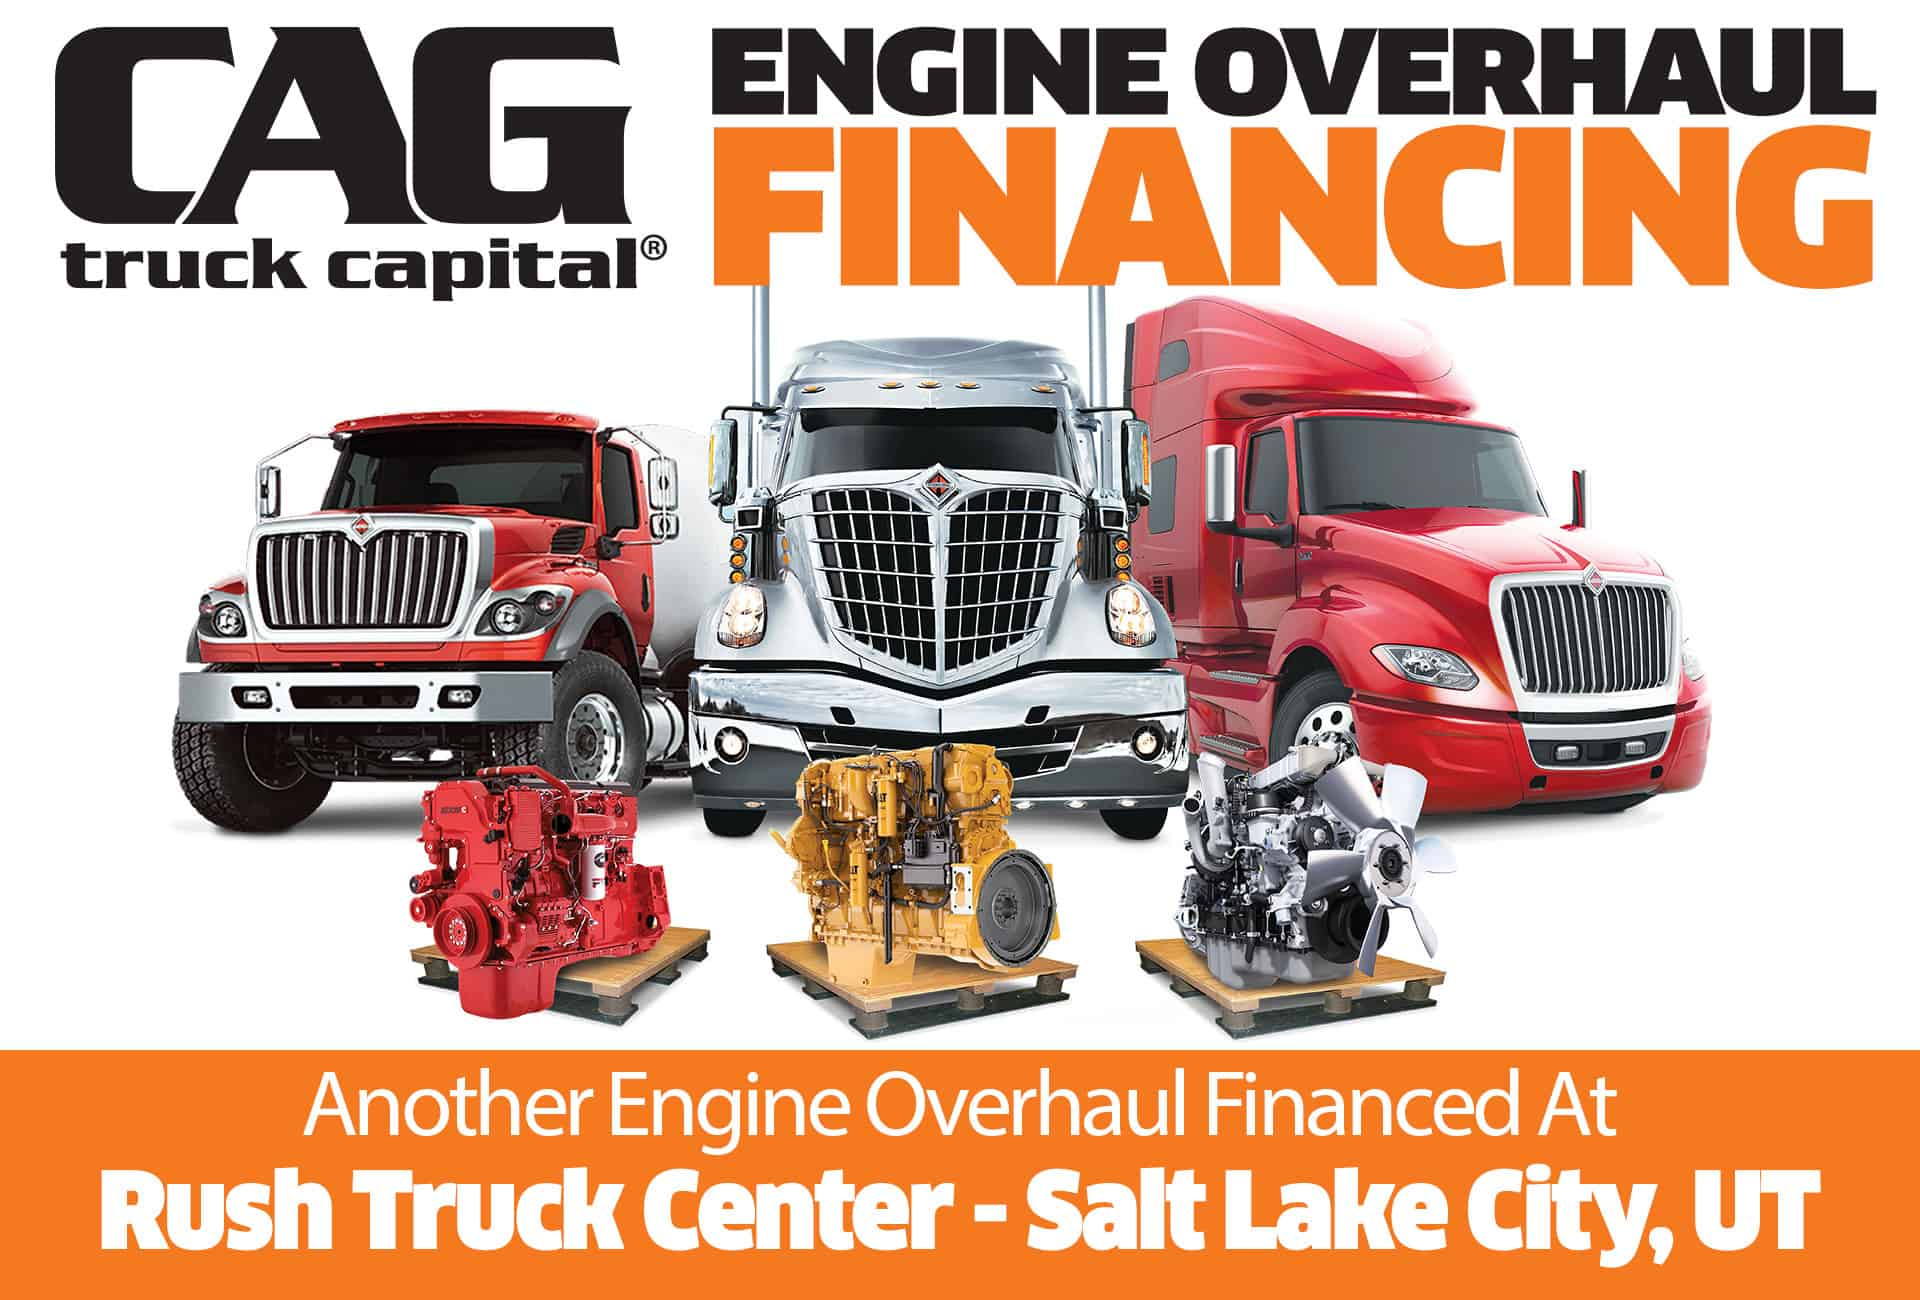 Rush Truck Center Salt Lake City UT